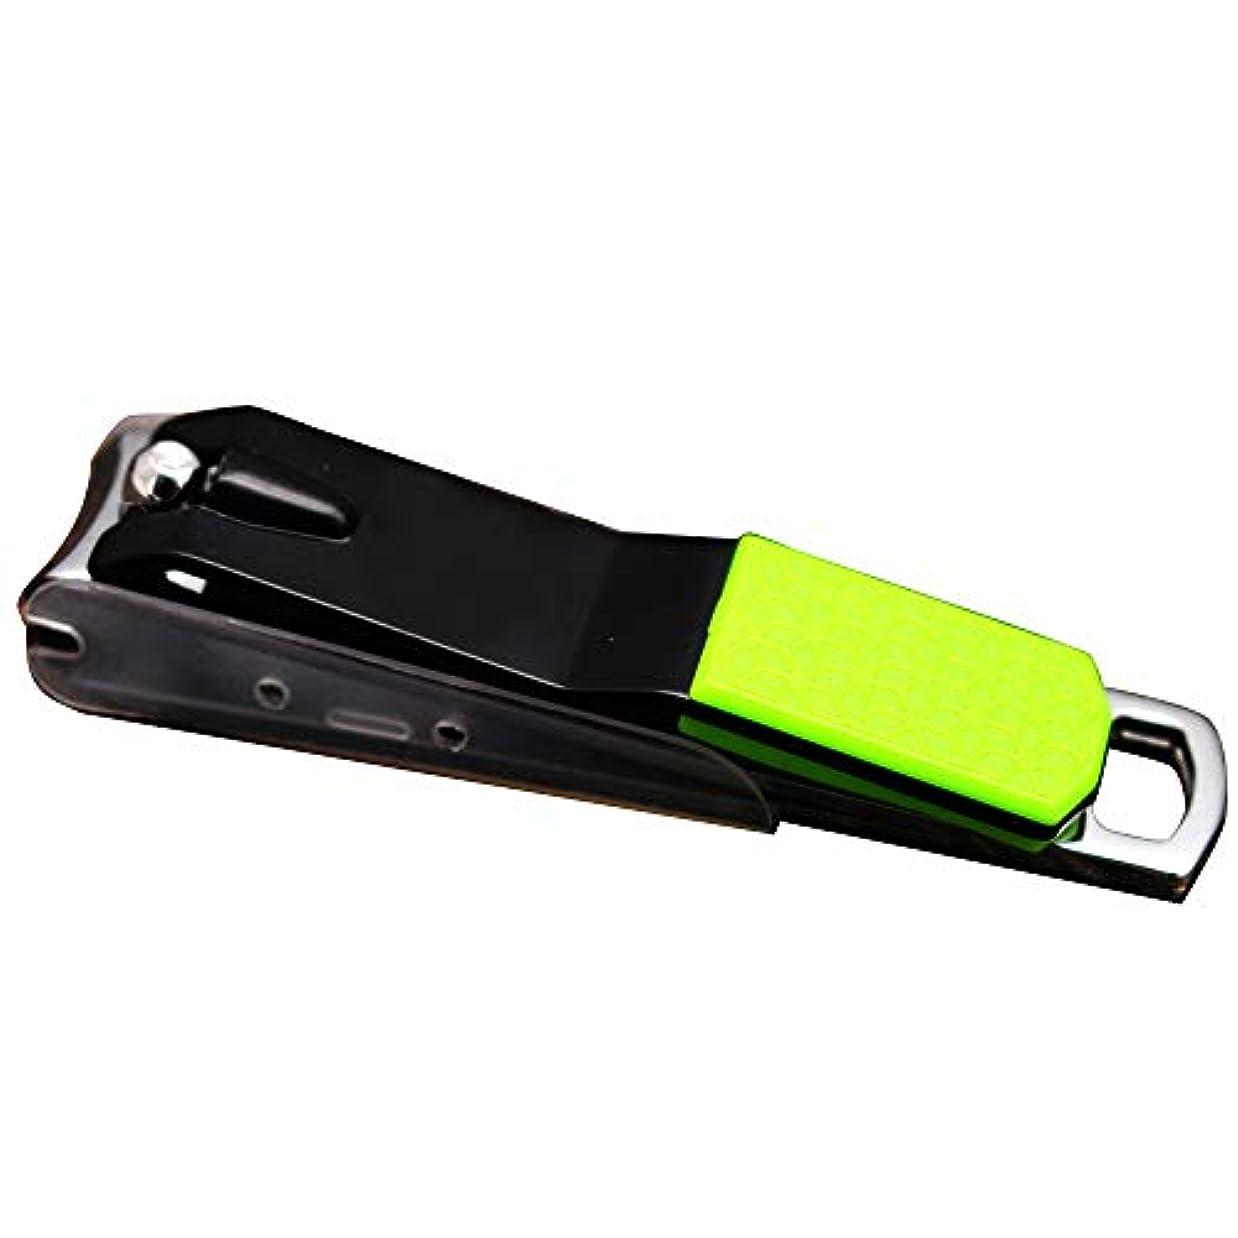 ストレージリズミカルなフレームワーク滑し止め爪切り飛び散り防止爪切り携帯便利男女兼用爪切り、ランダムな色